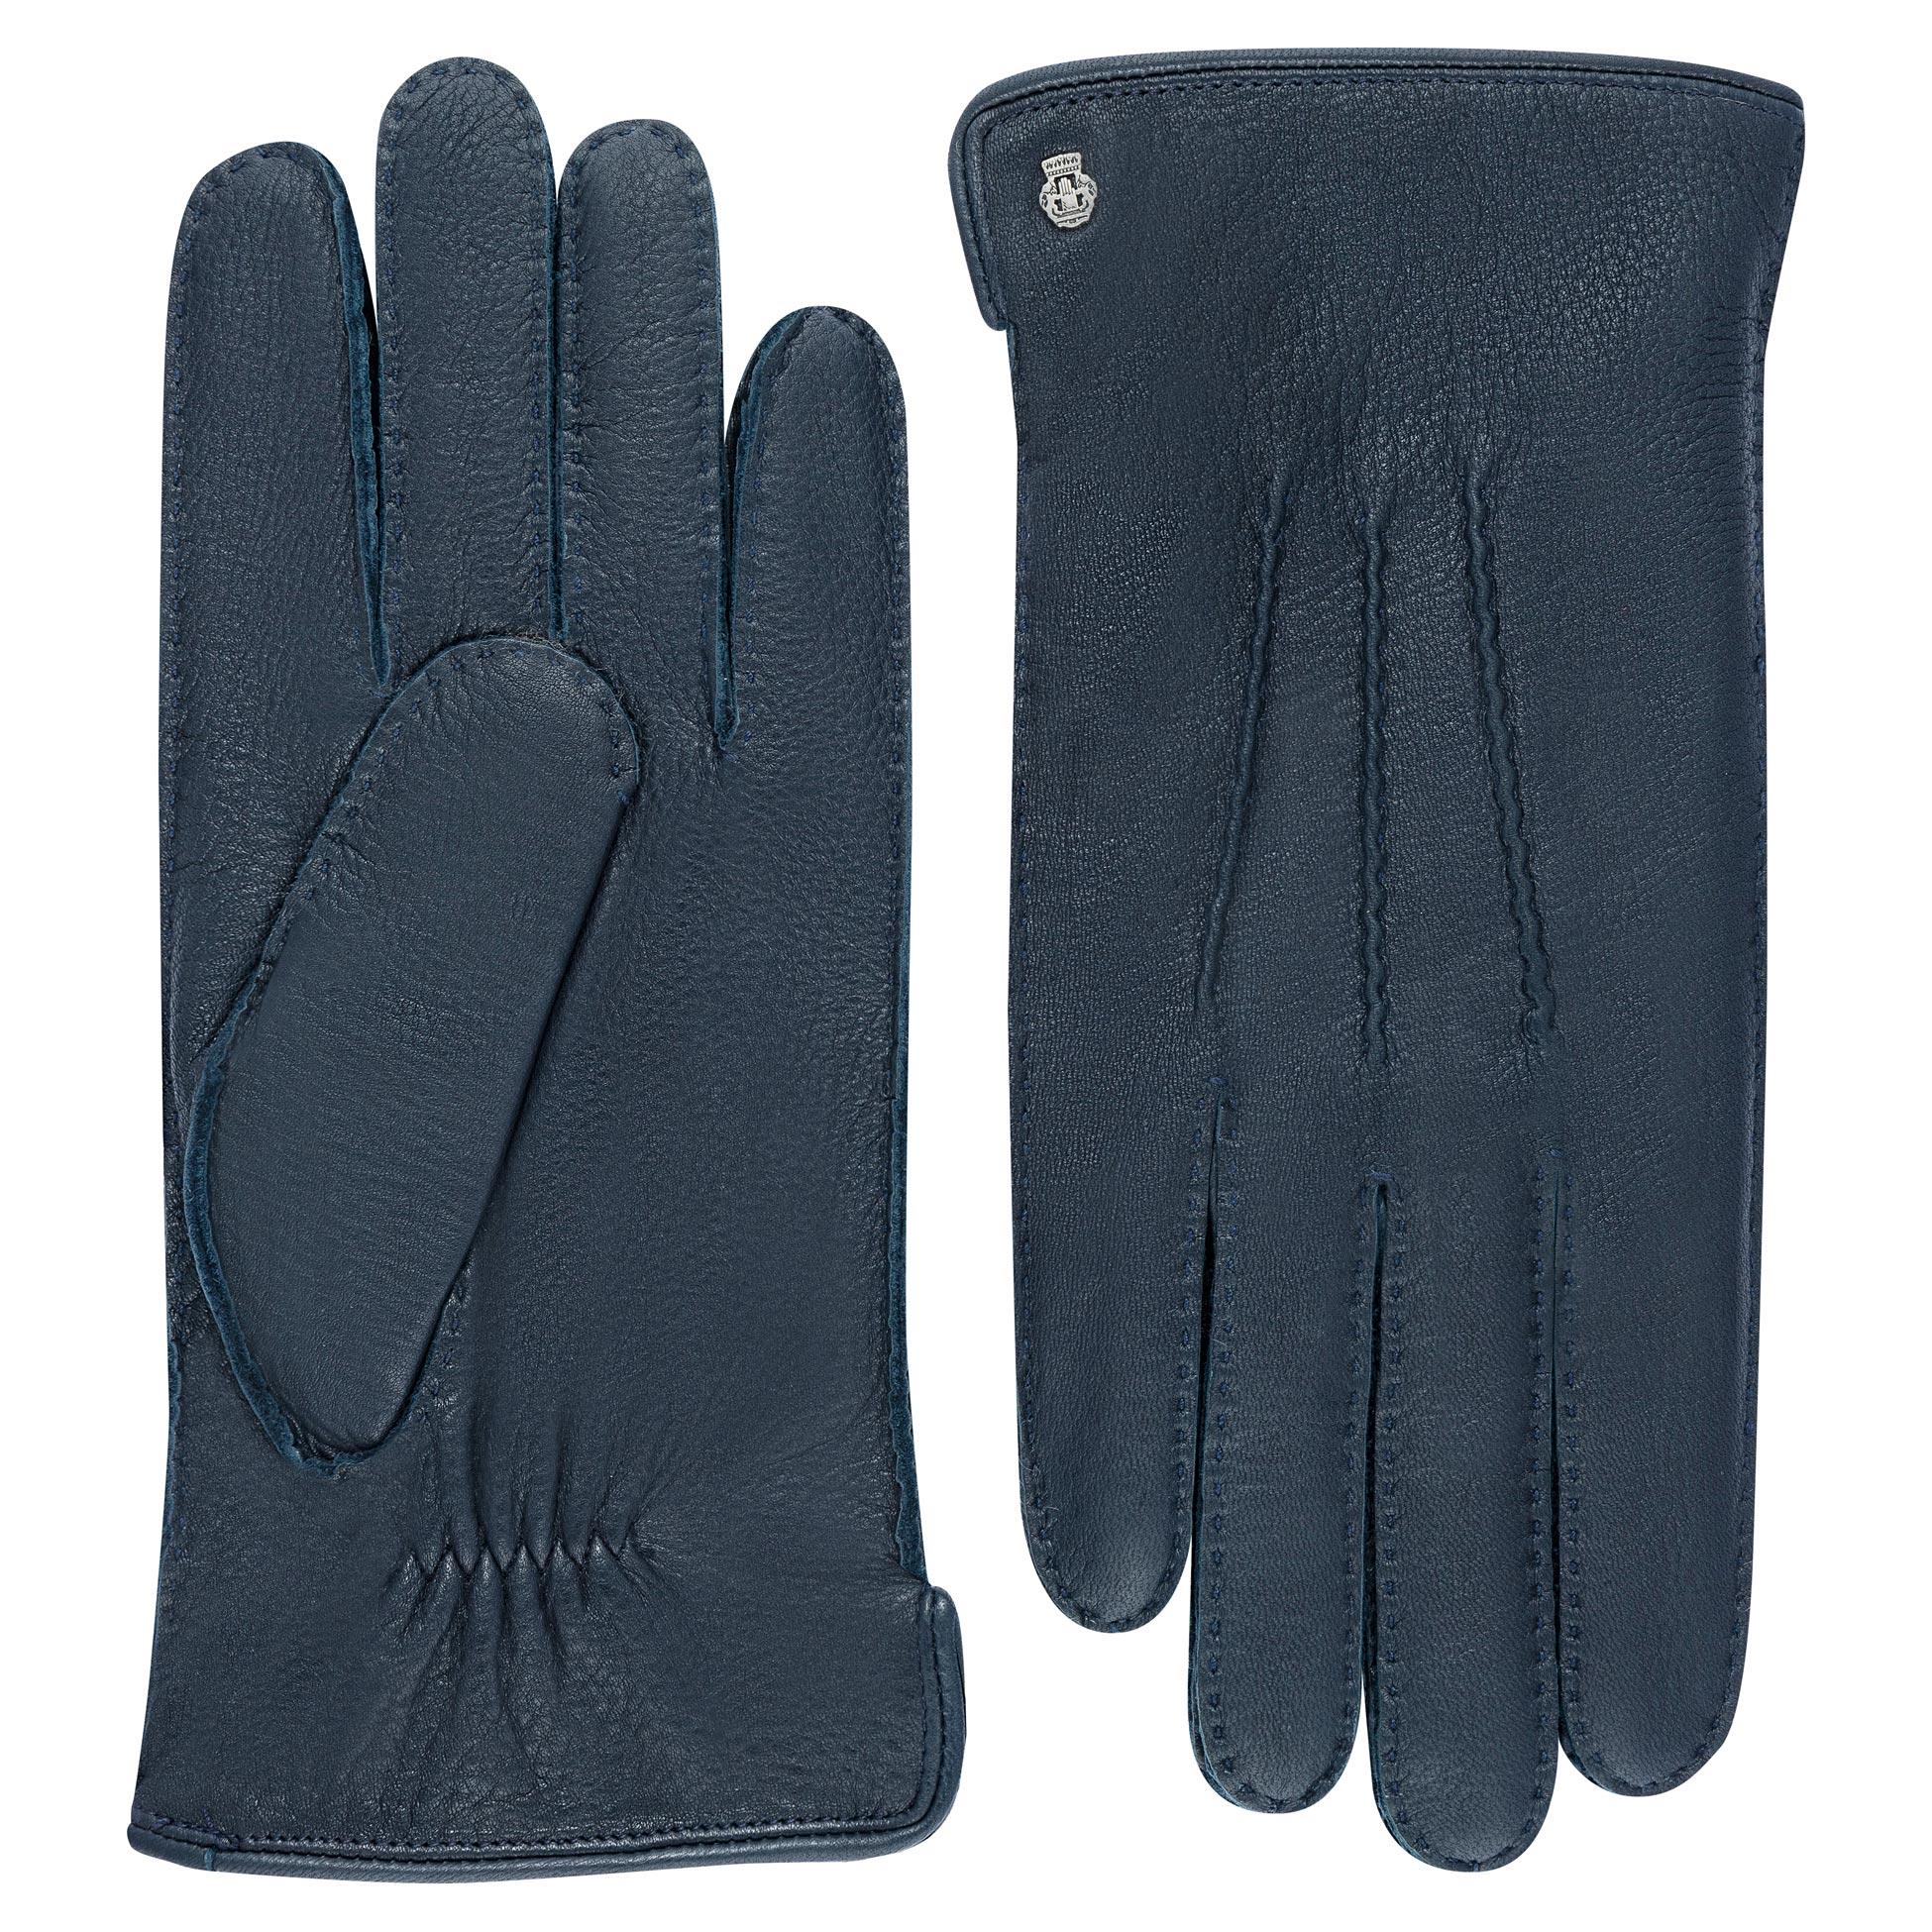 Roeckl Handschuh Garmisch